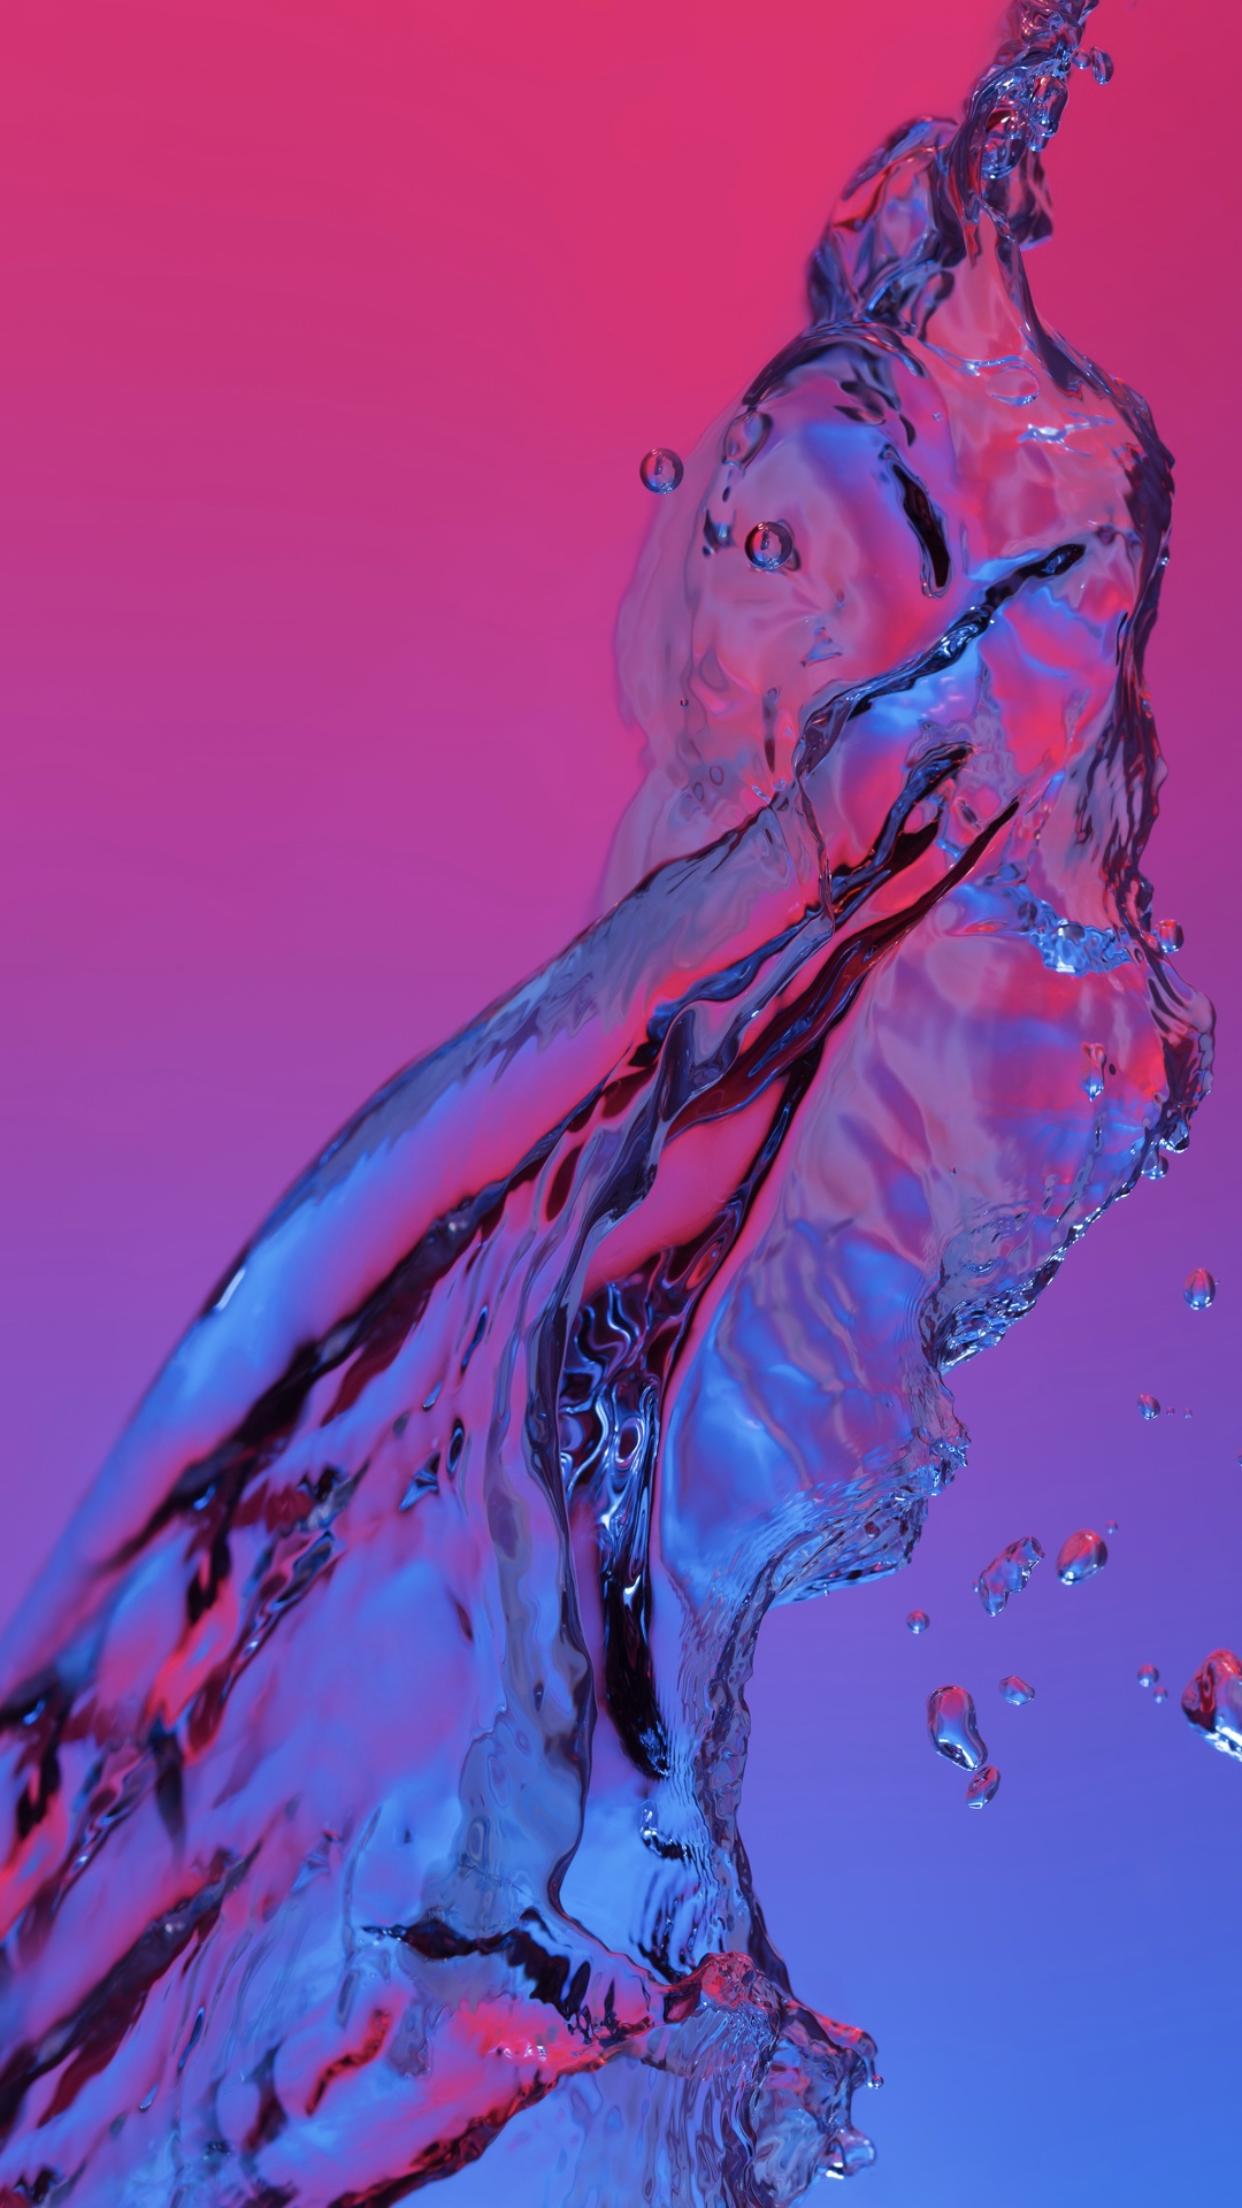 Pin de F T en Wallpapers Fondo de pantalla colorido